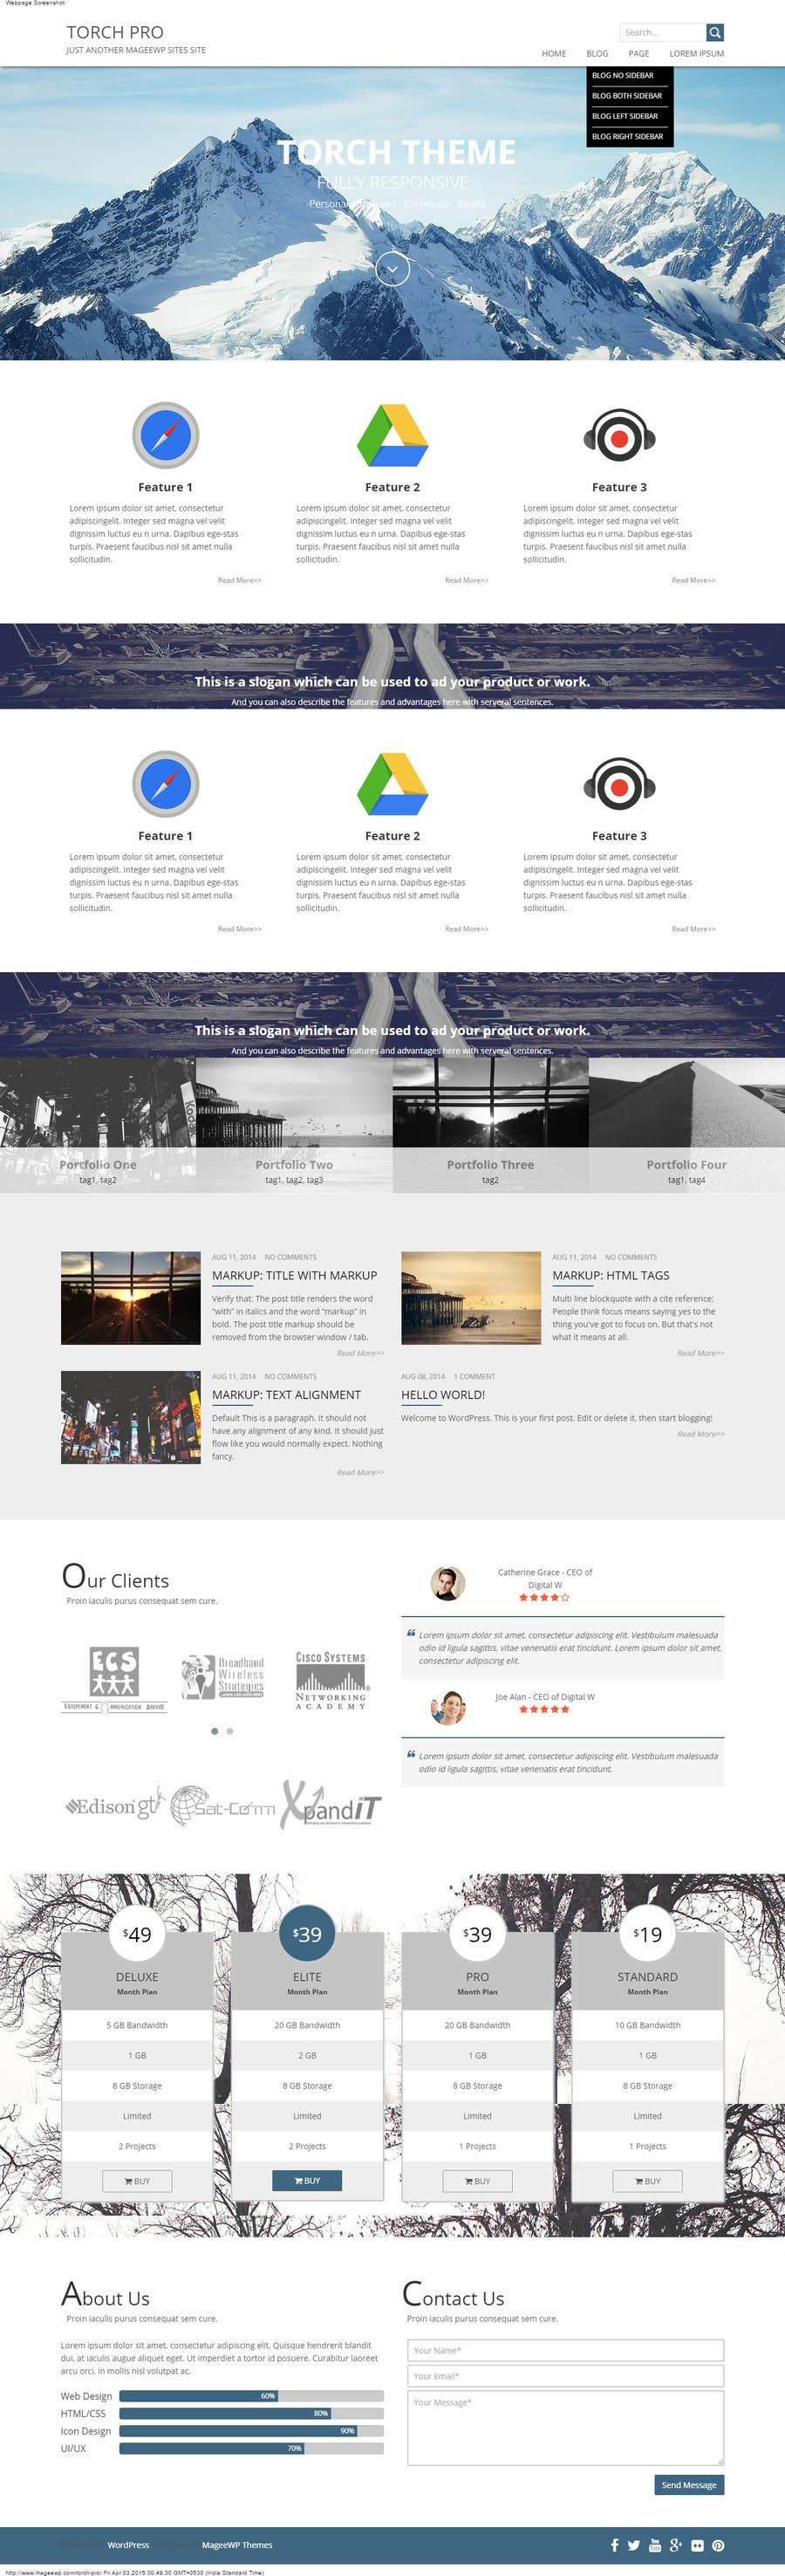 Konkurrenceindlæg #                                        6                                      for                                         Design a website Mockup for wordpress